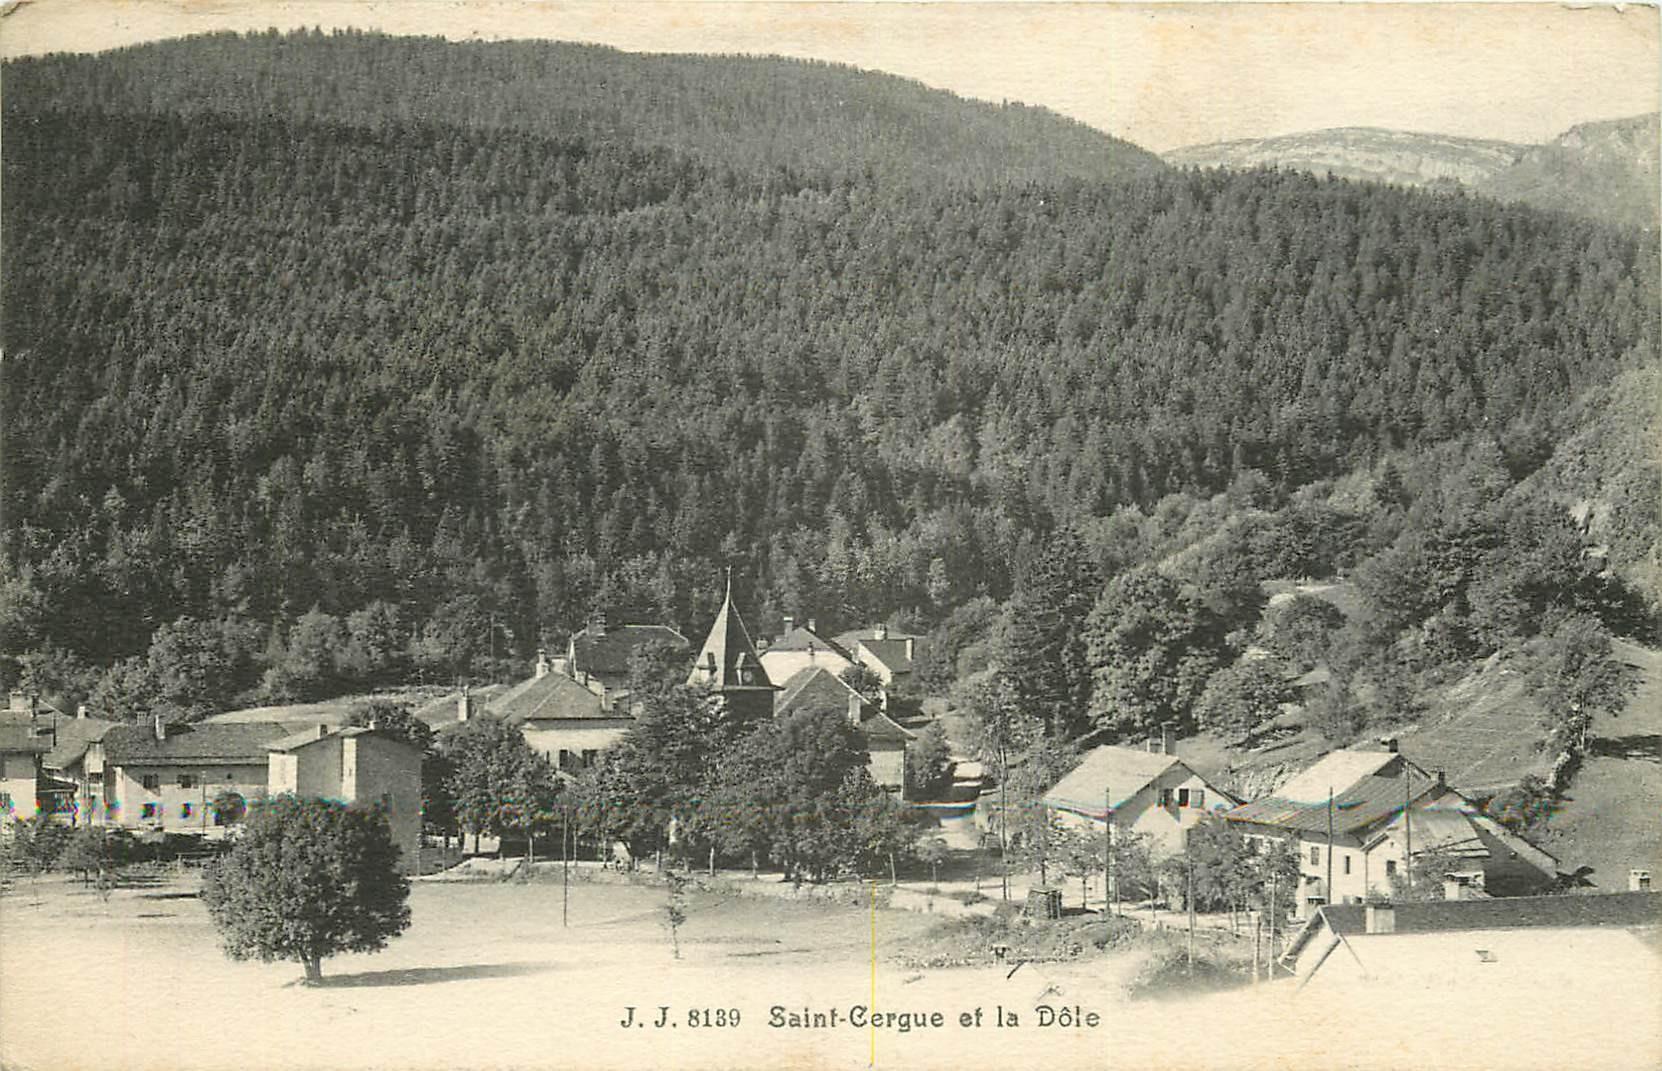 SUISSE. Saint-Cergue et la Dôle 1911